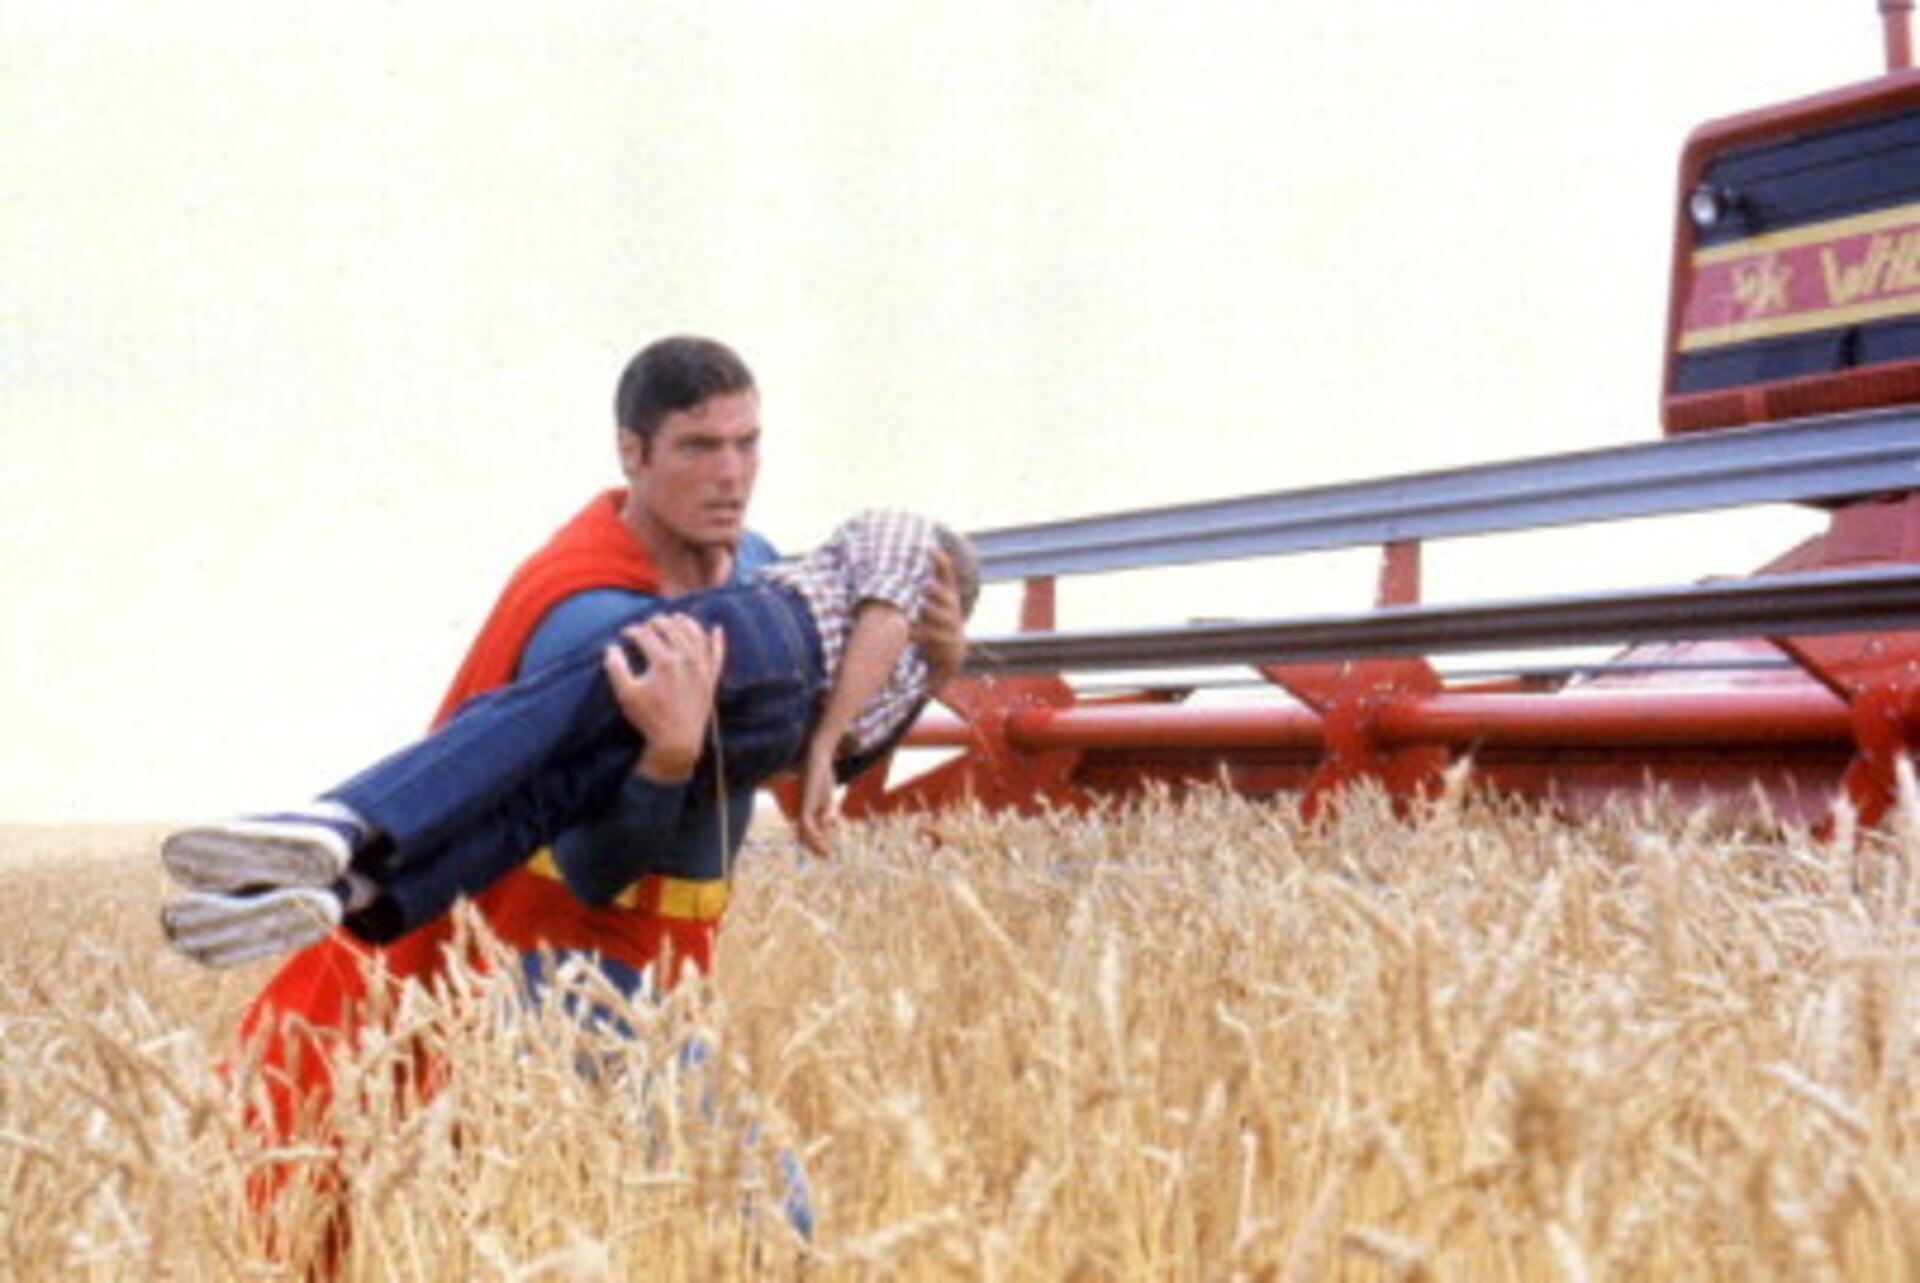 Superman III - Image 7